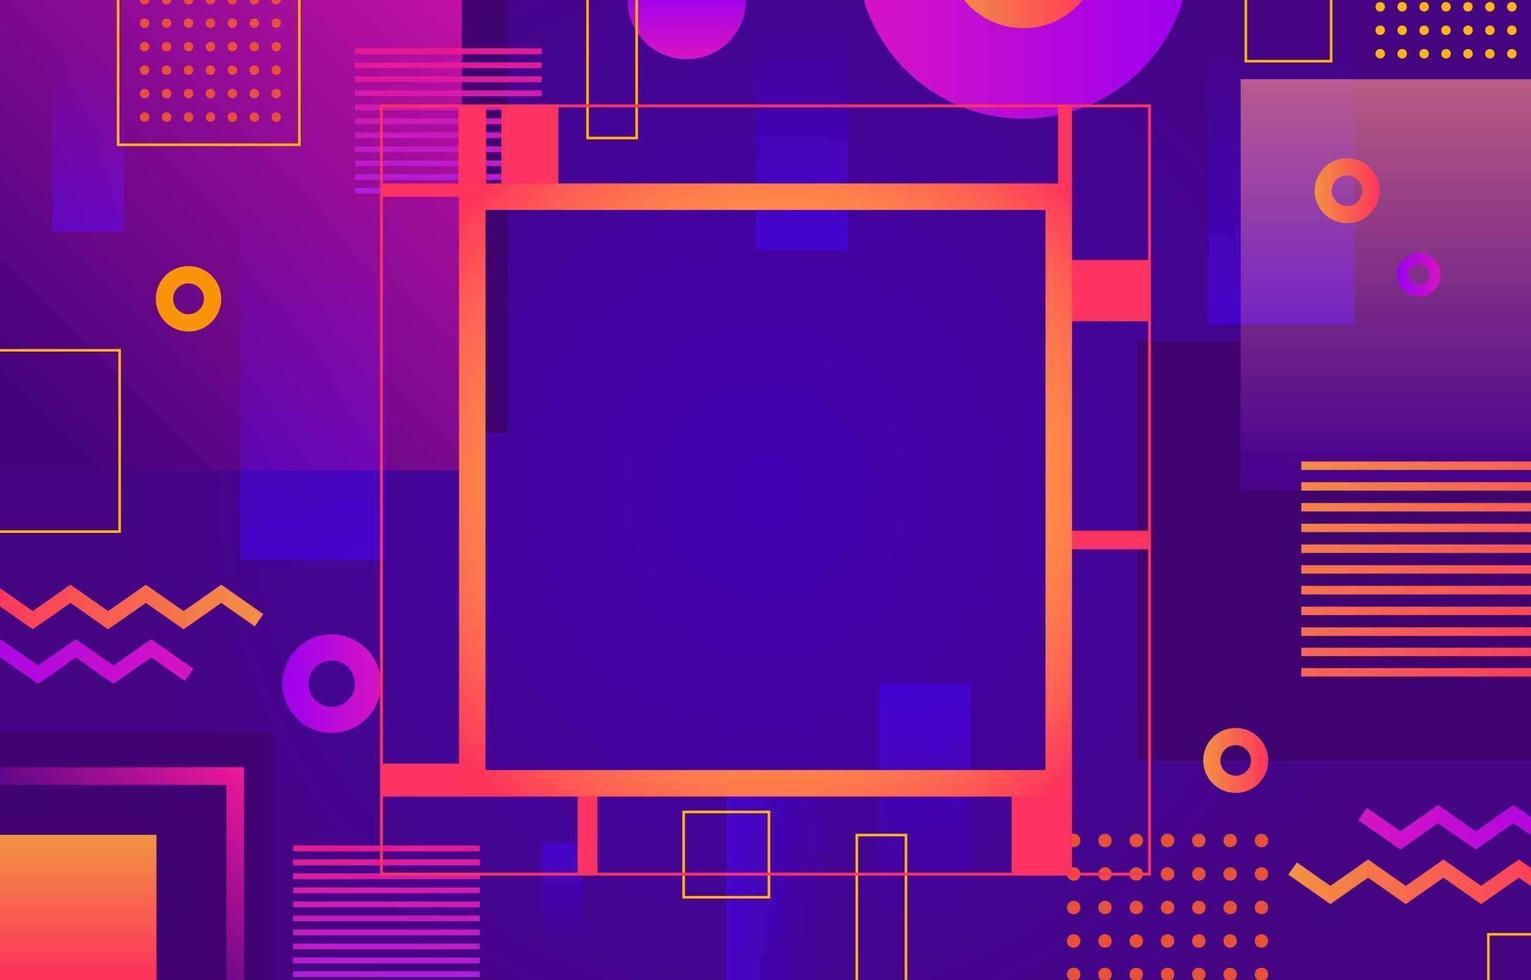 fond de formes géométriques violettes vecteur